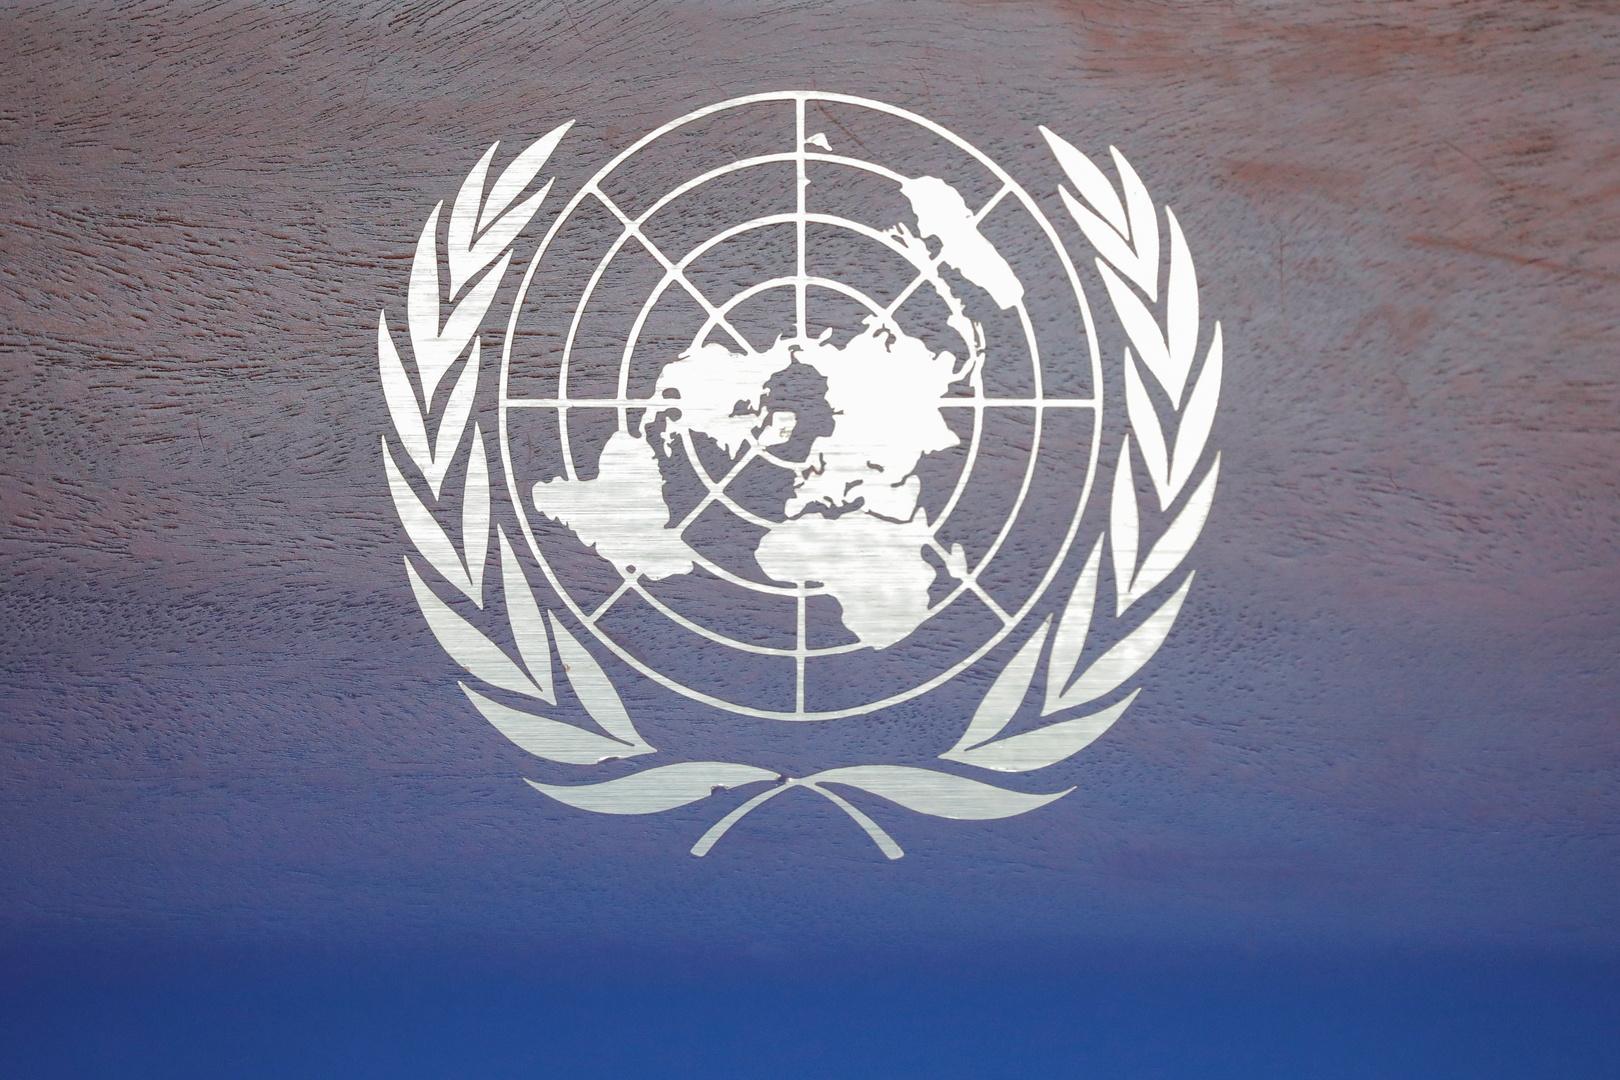 الأمم المتحدة تحث مجموعة العشرين على ضمان جدية التعهدات بتمويل المناخ